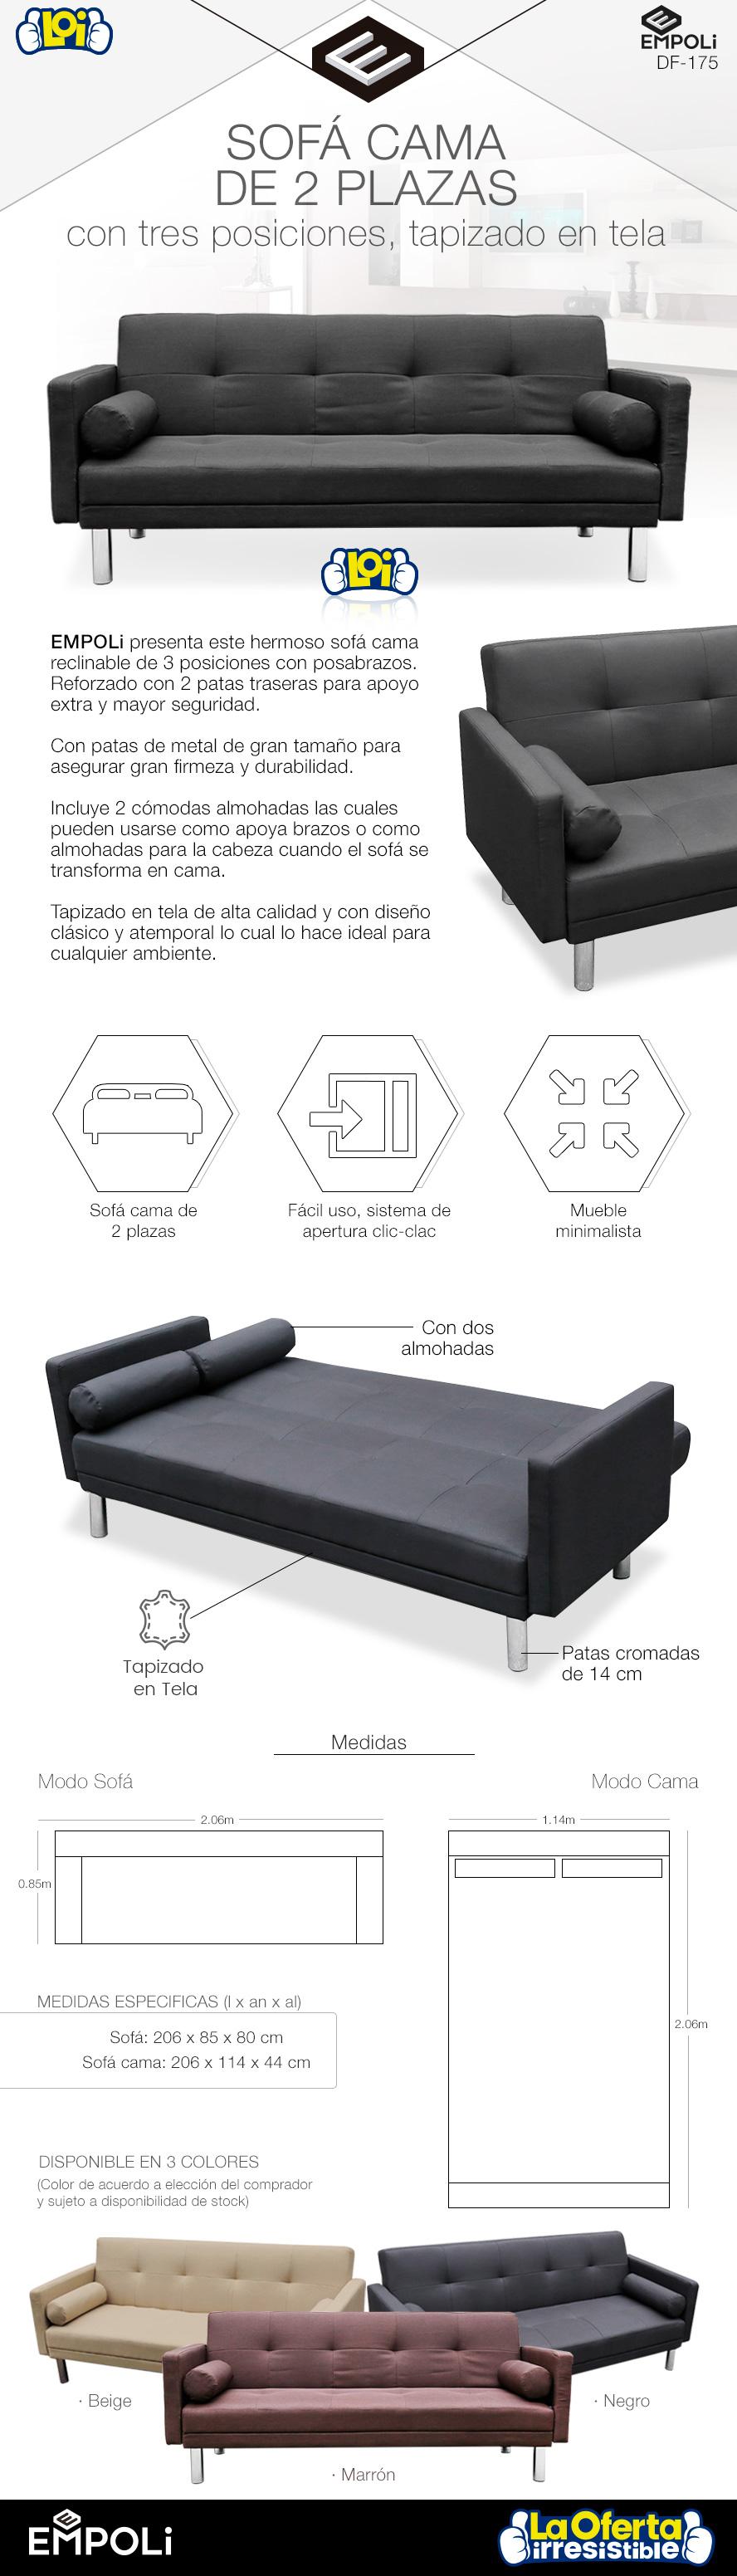 Sof cama empoli 2 plazas y 3 posiciones negro f175 for Medidas sofa cama 2 plazas